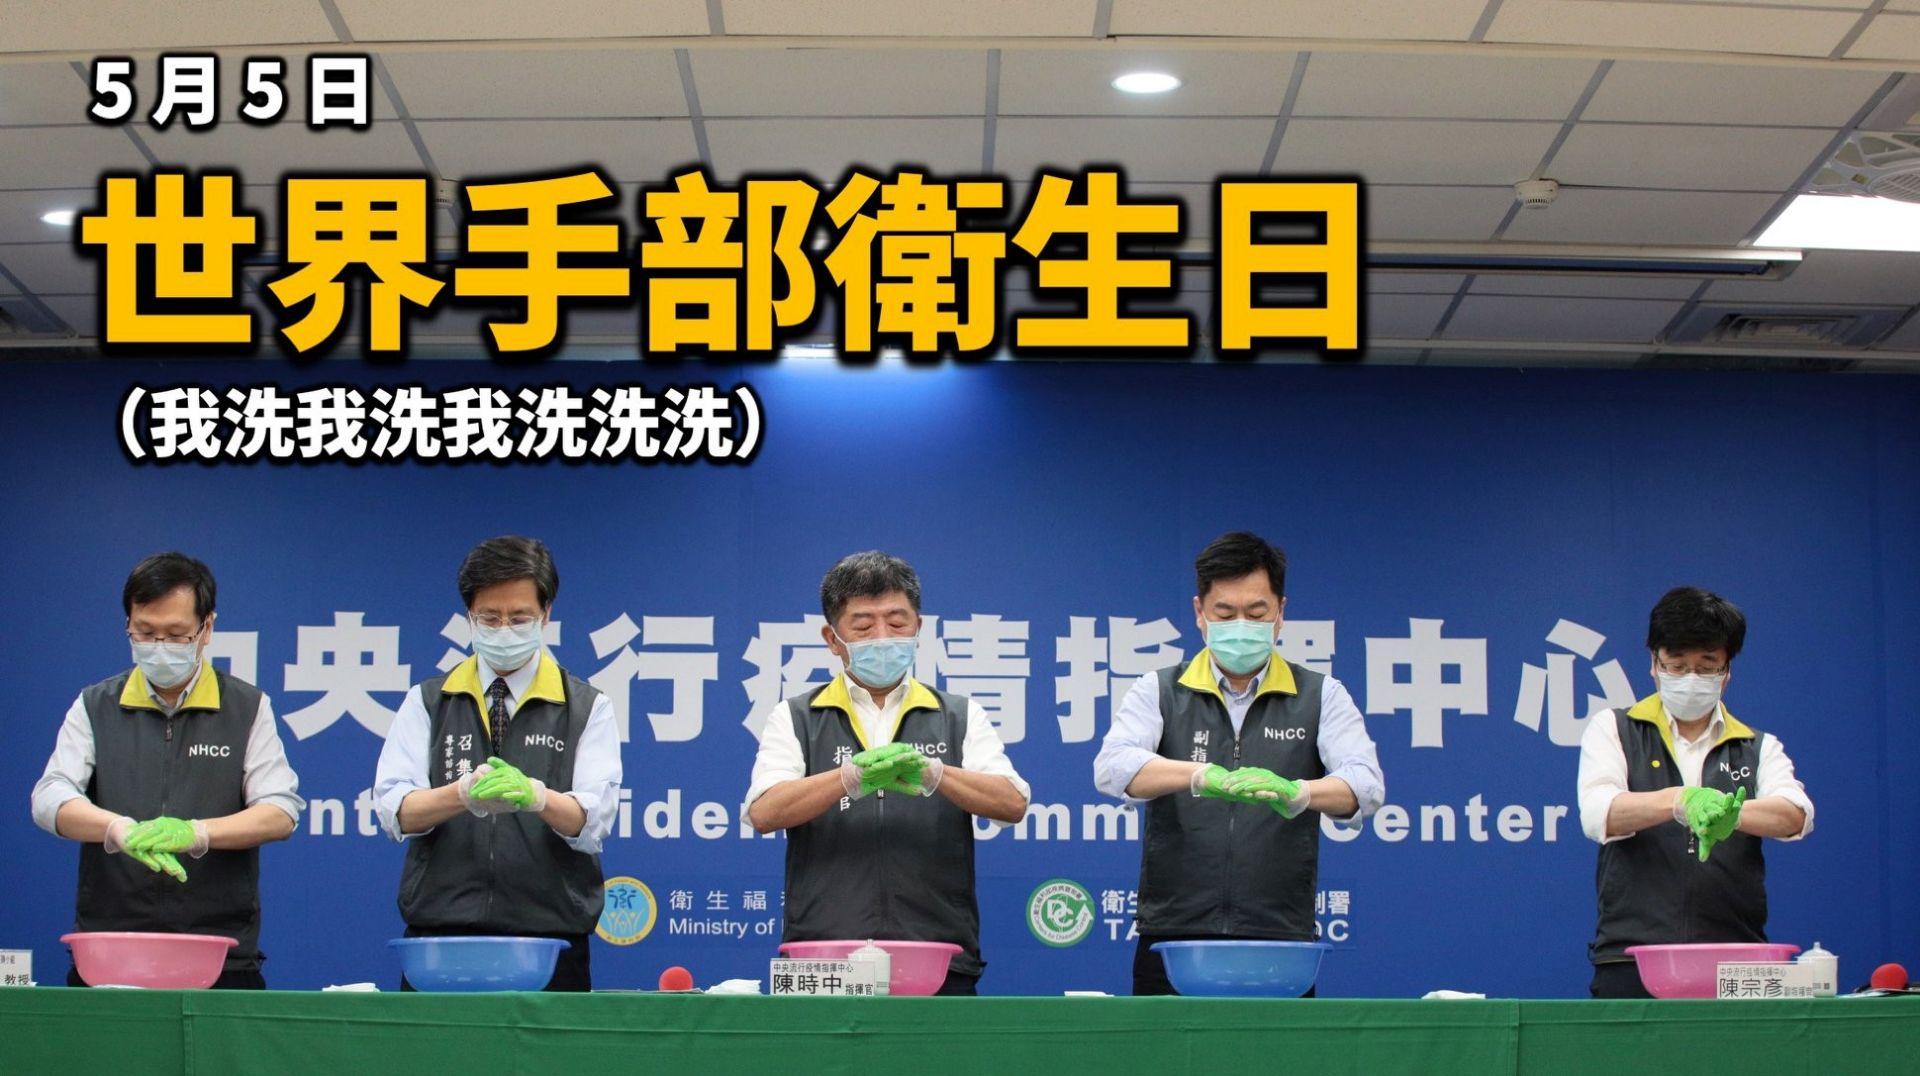 台灣公共衛生學會理事長陳保中透露,中央疫情指揮中心裡有不少官員都曾受過公共衛生訓練,如疾管署署長周志浩(右一)、疾管署副署長莊人祥(左一)。